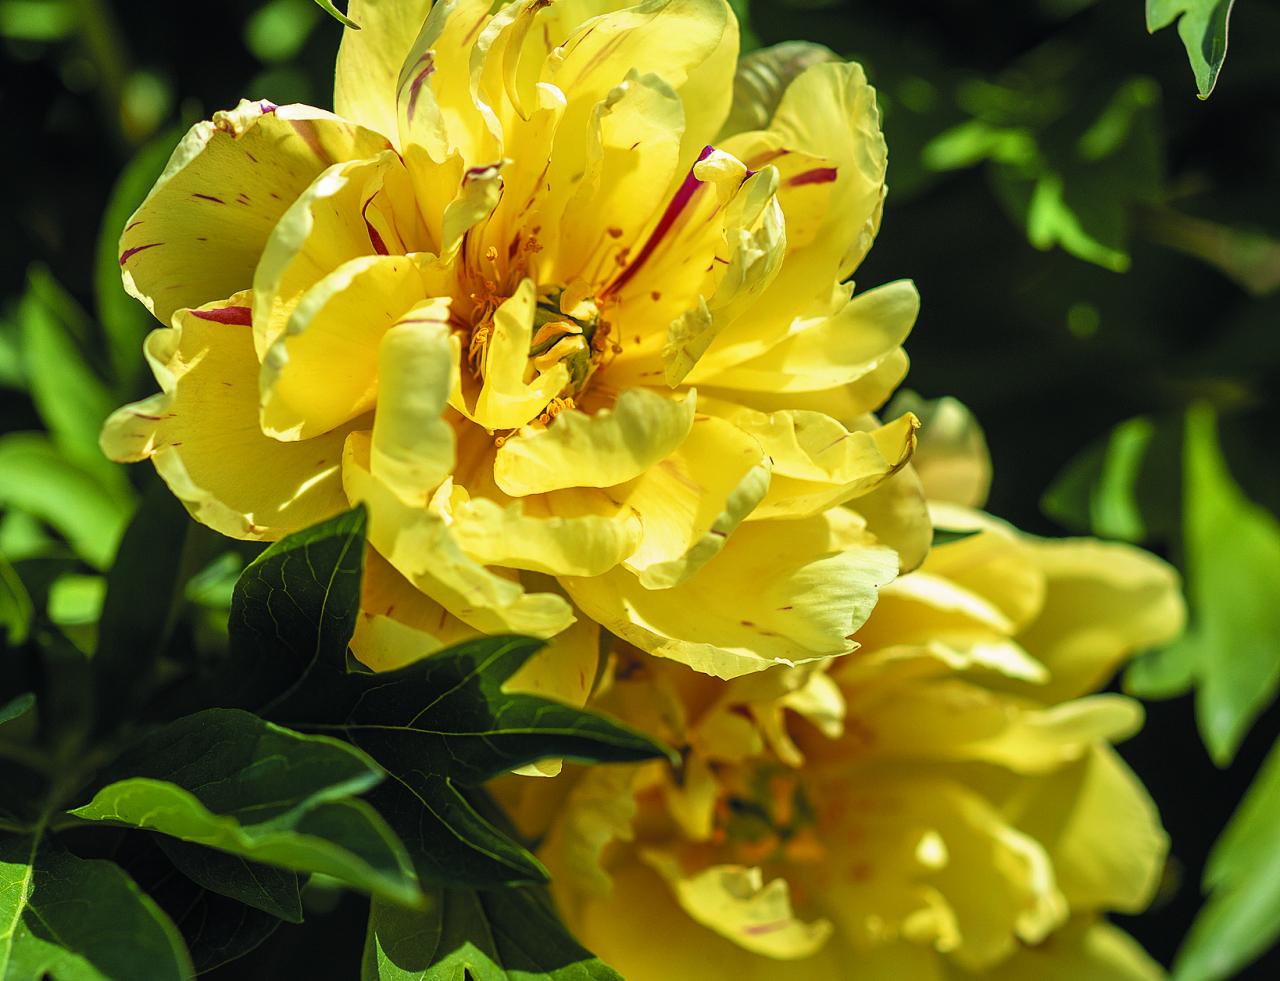 Singing In The Rain. Ziedi sākumā oranžīgi, vēlāk kļūst dzelteni ar sārtām svītrām, ilgstoši zied. Krūms liels, apaļš, lapas zaļas līdz pat salam.